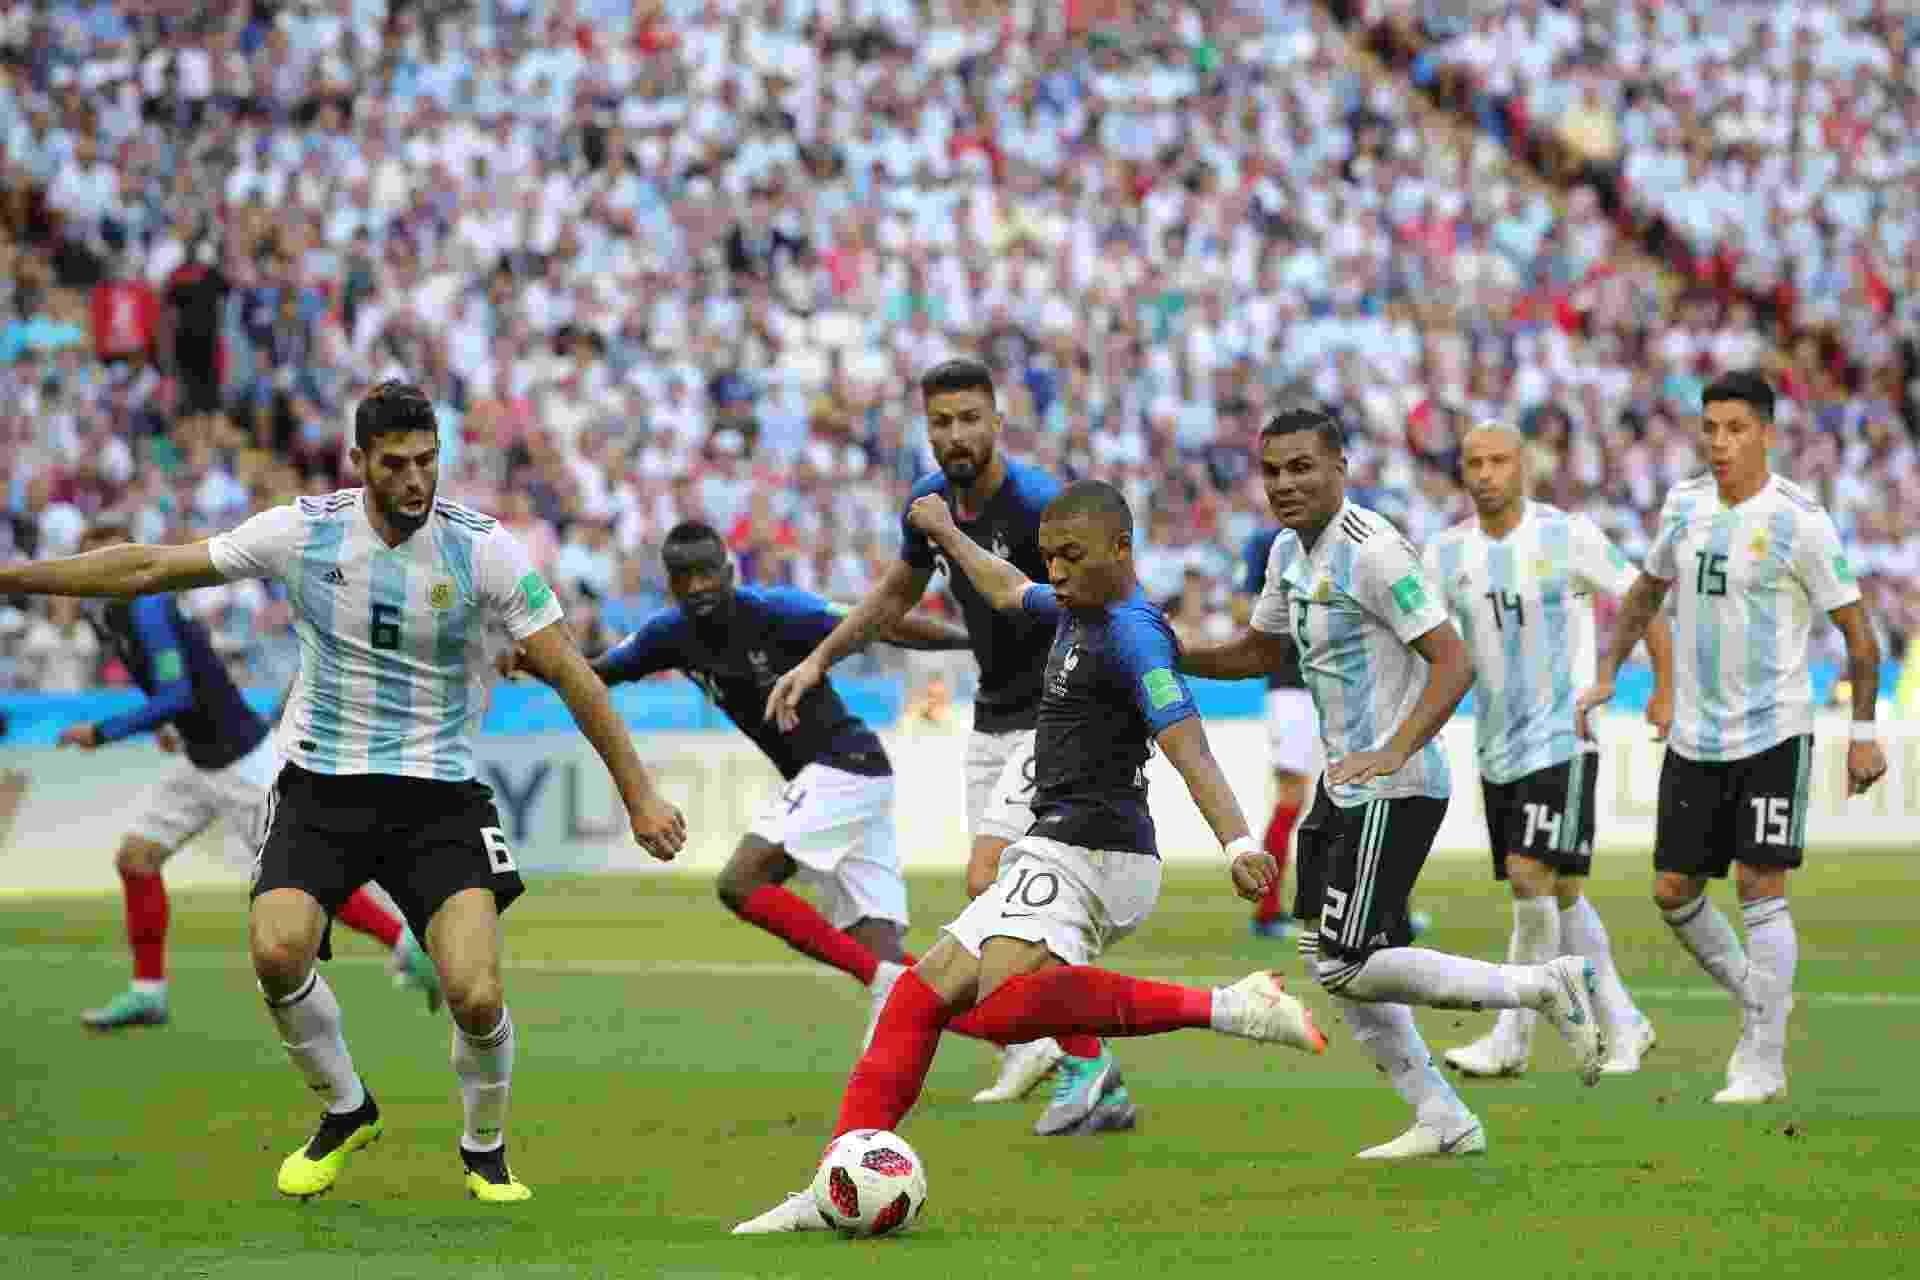 Mbappé invade a área e chuta para fazer o 3º e colocar a França na frente contra a Argentina - Alexander Hassenstein/Getty Images